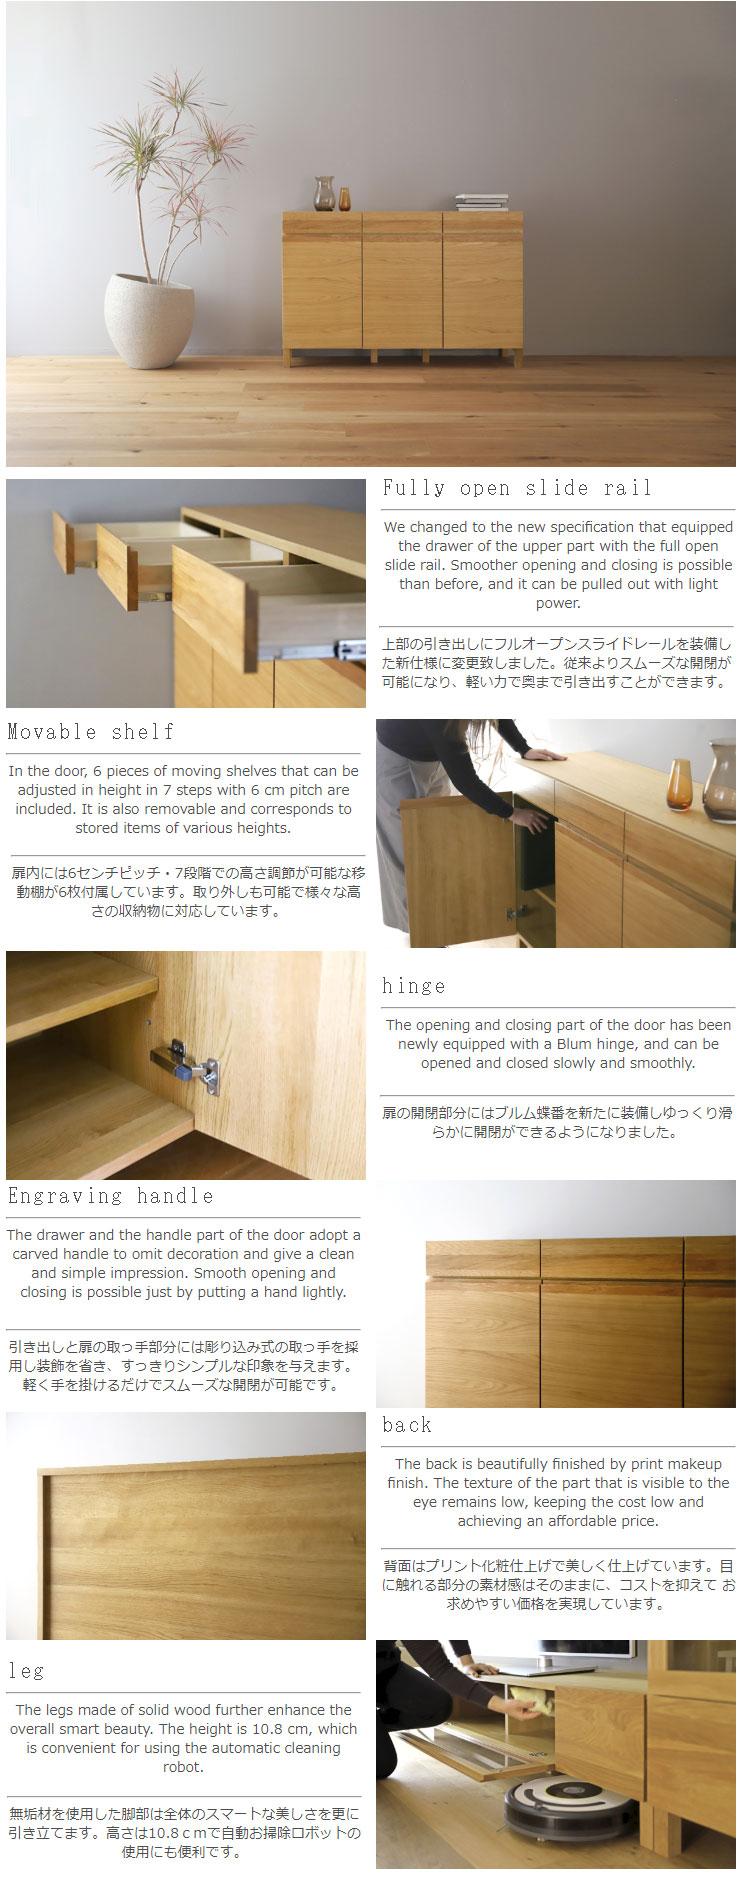 cabinet-details1.jpg